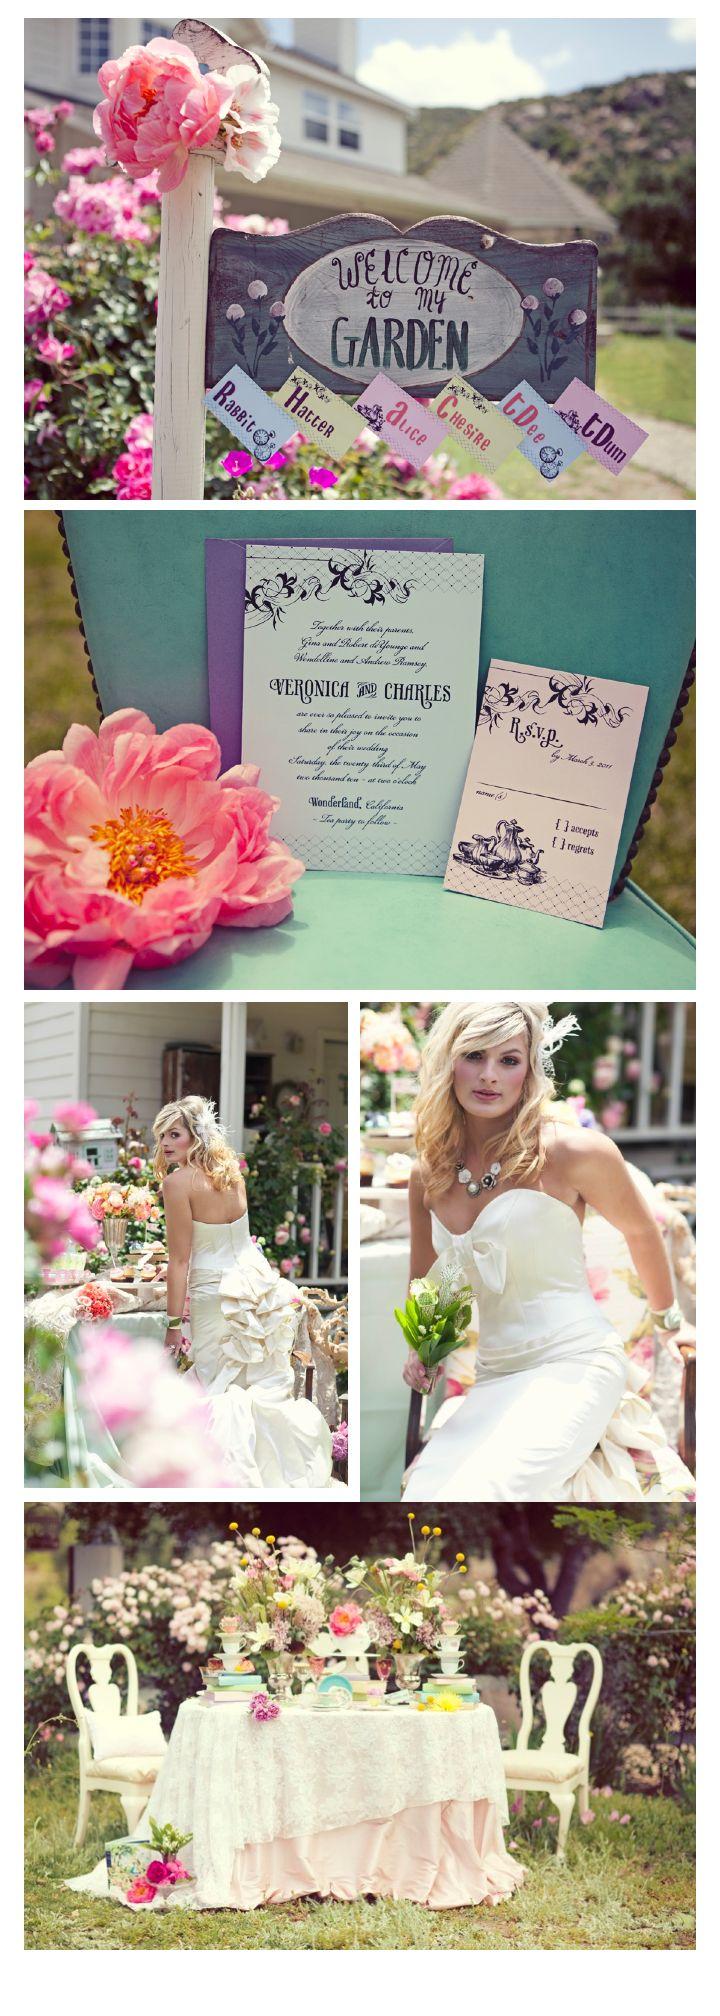 jardín decorado para recibir una boda temática de cuento